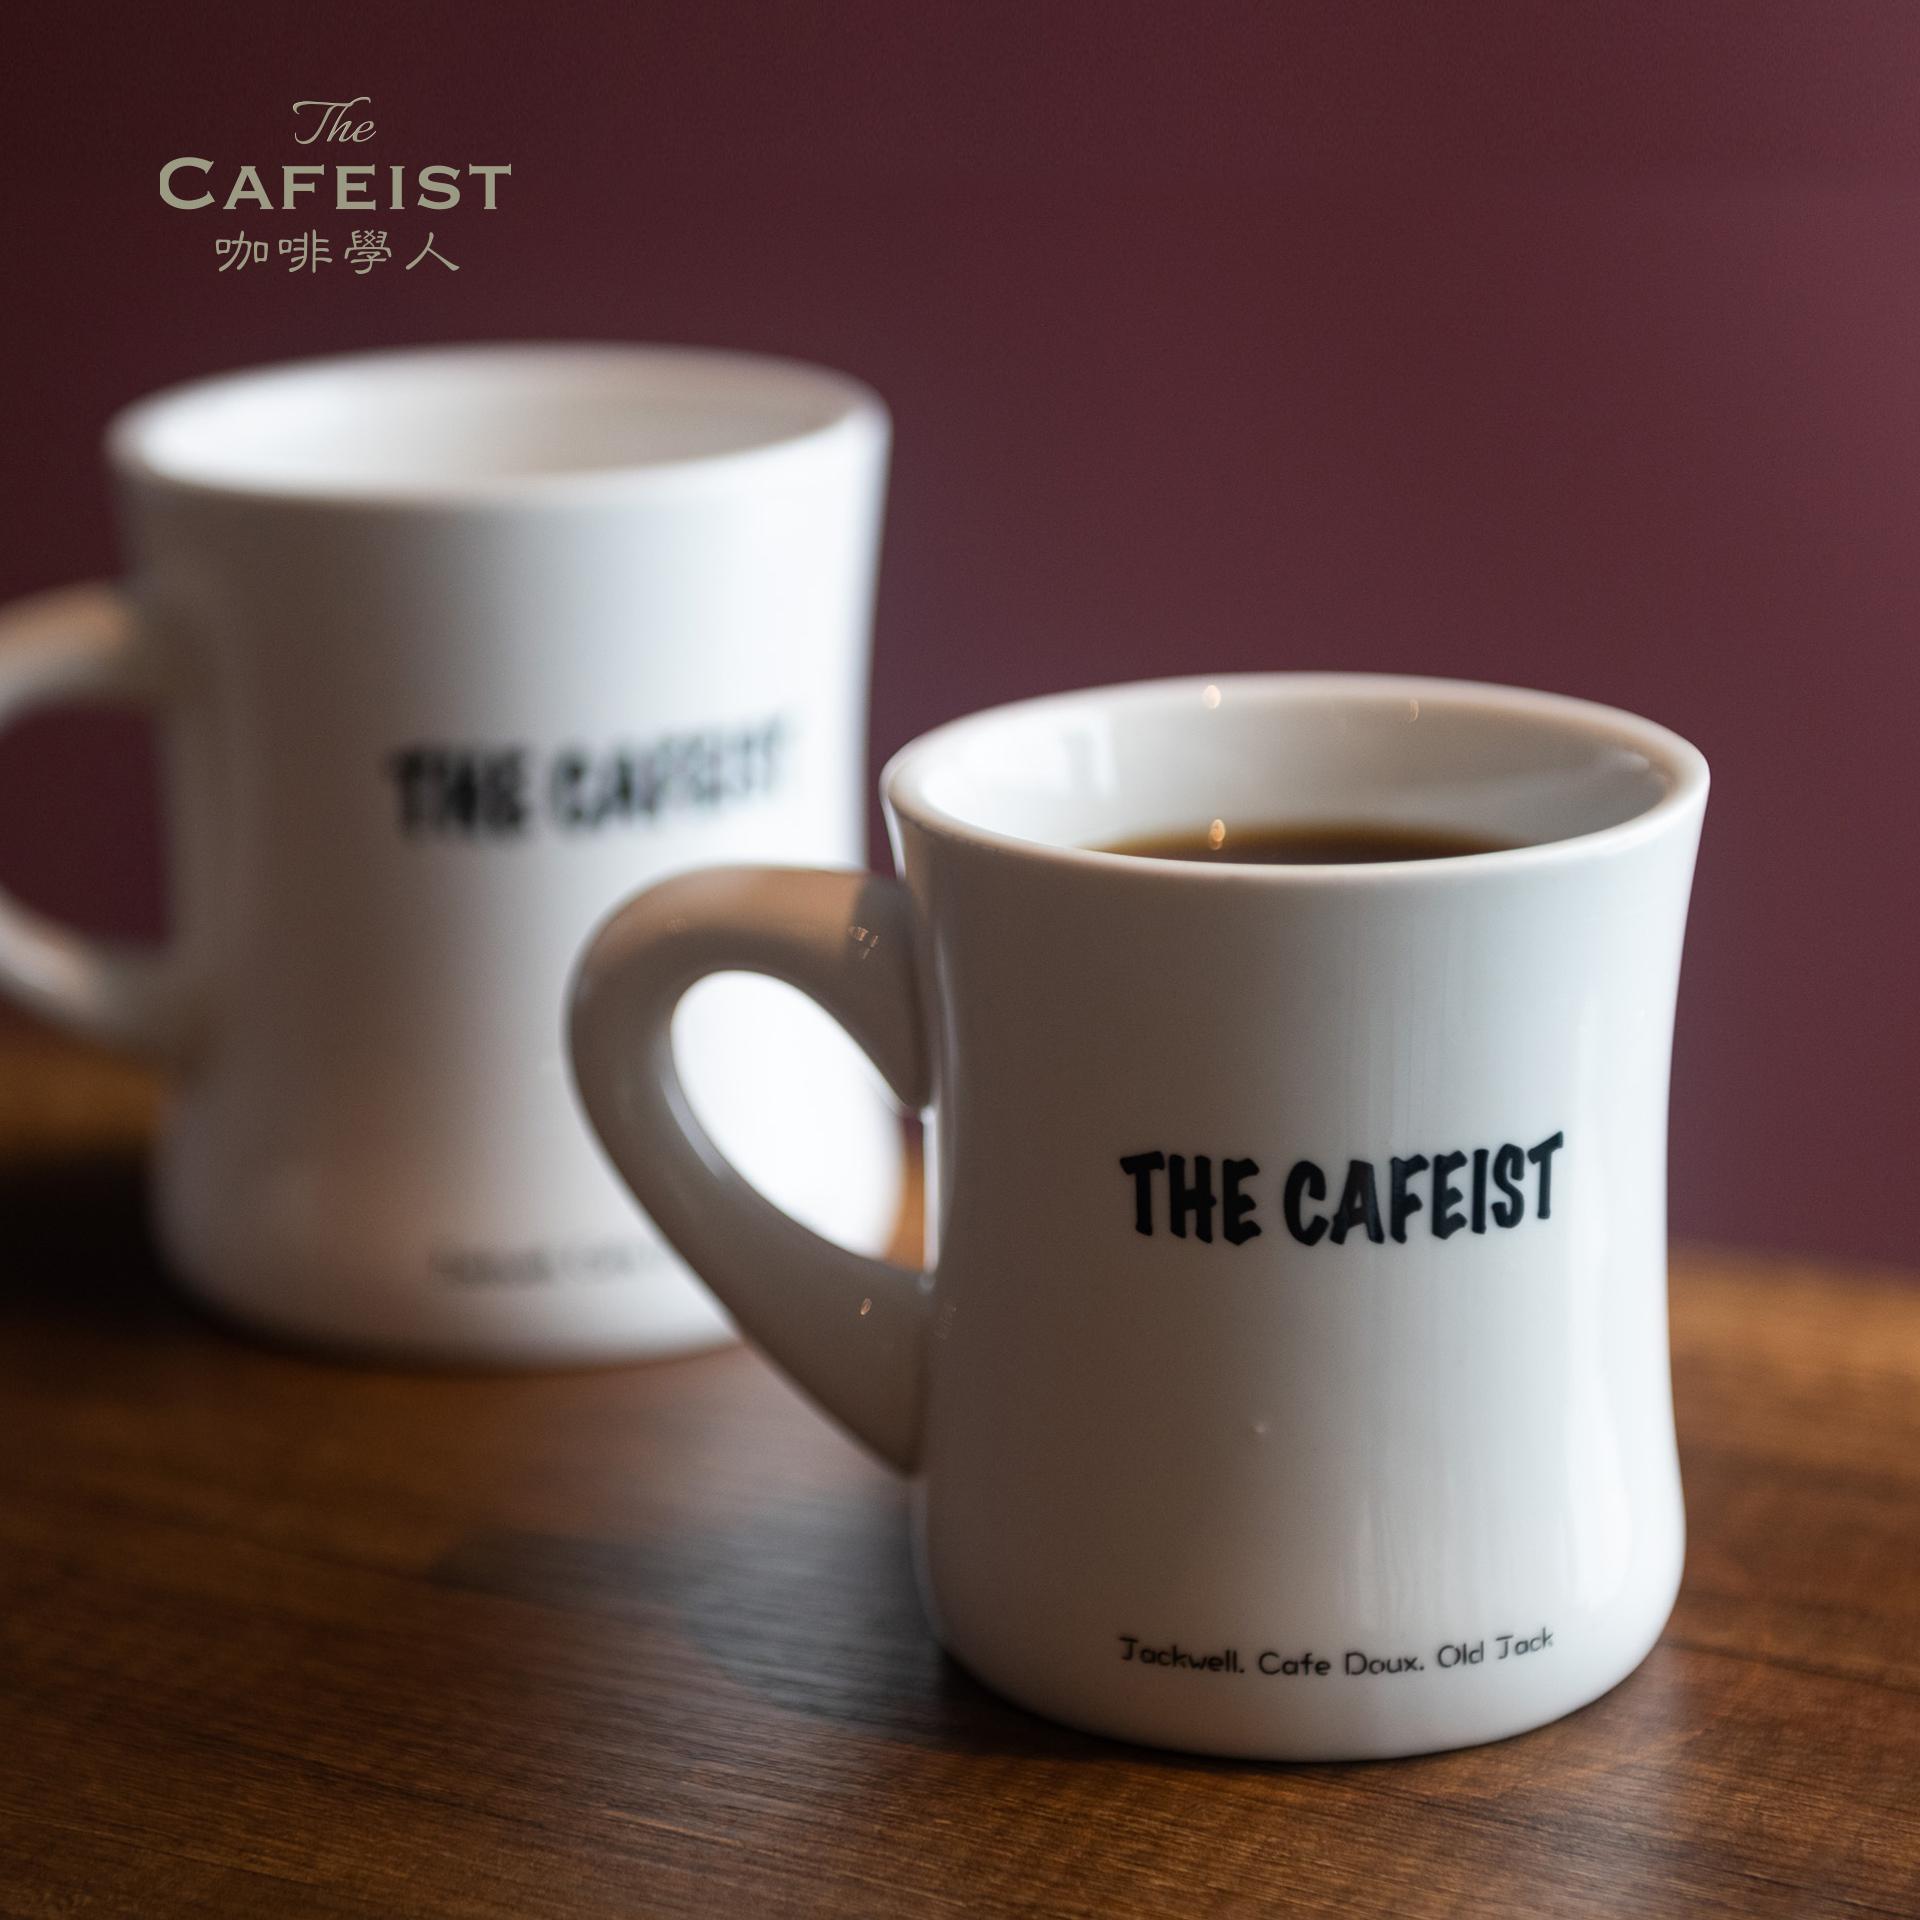 《咖啡莊園的亡靈》票根抽